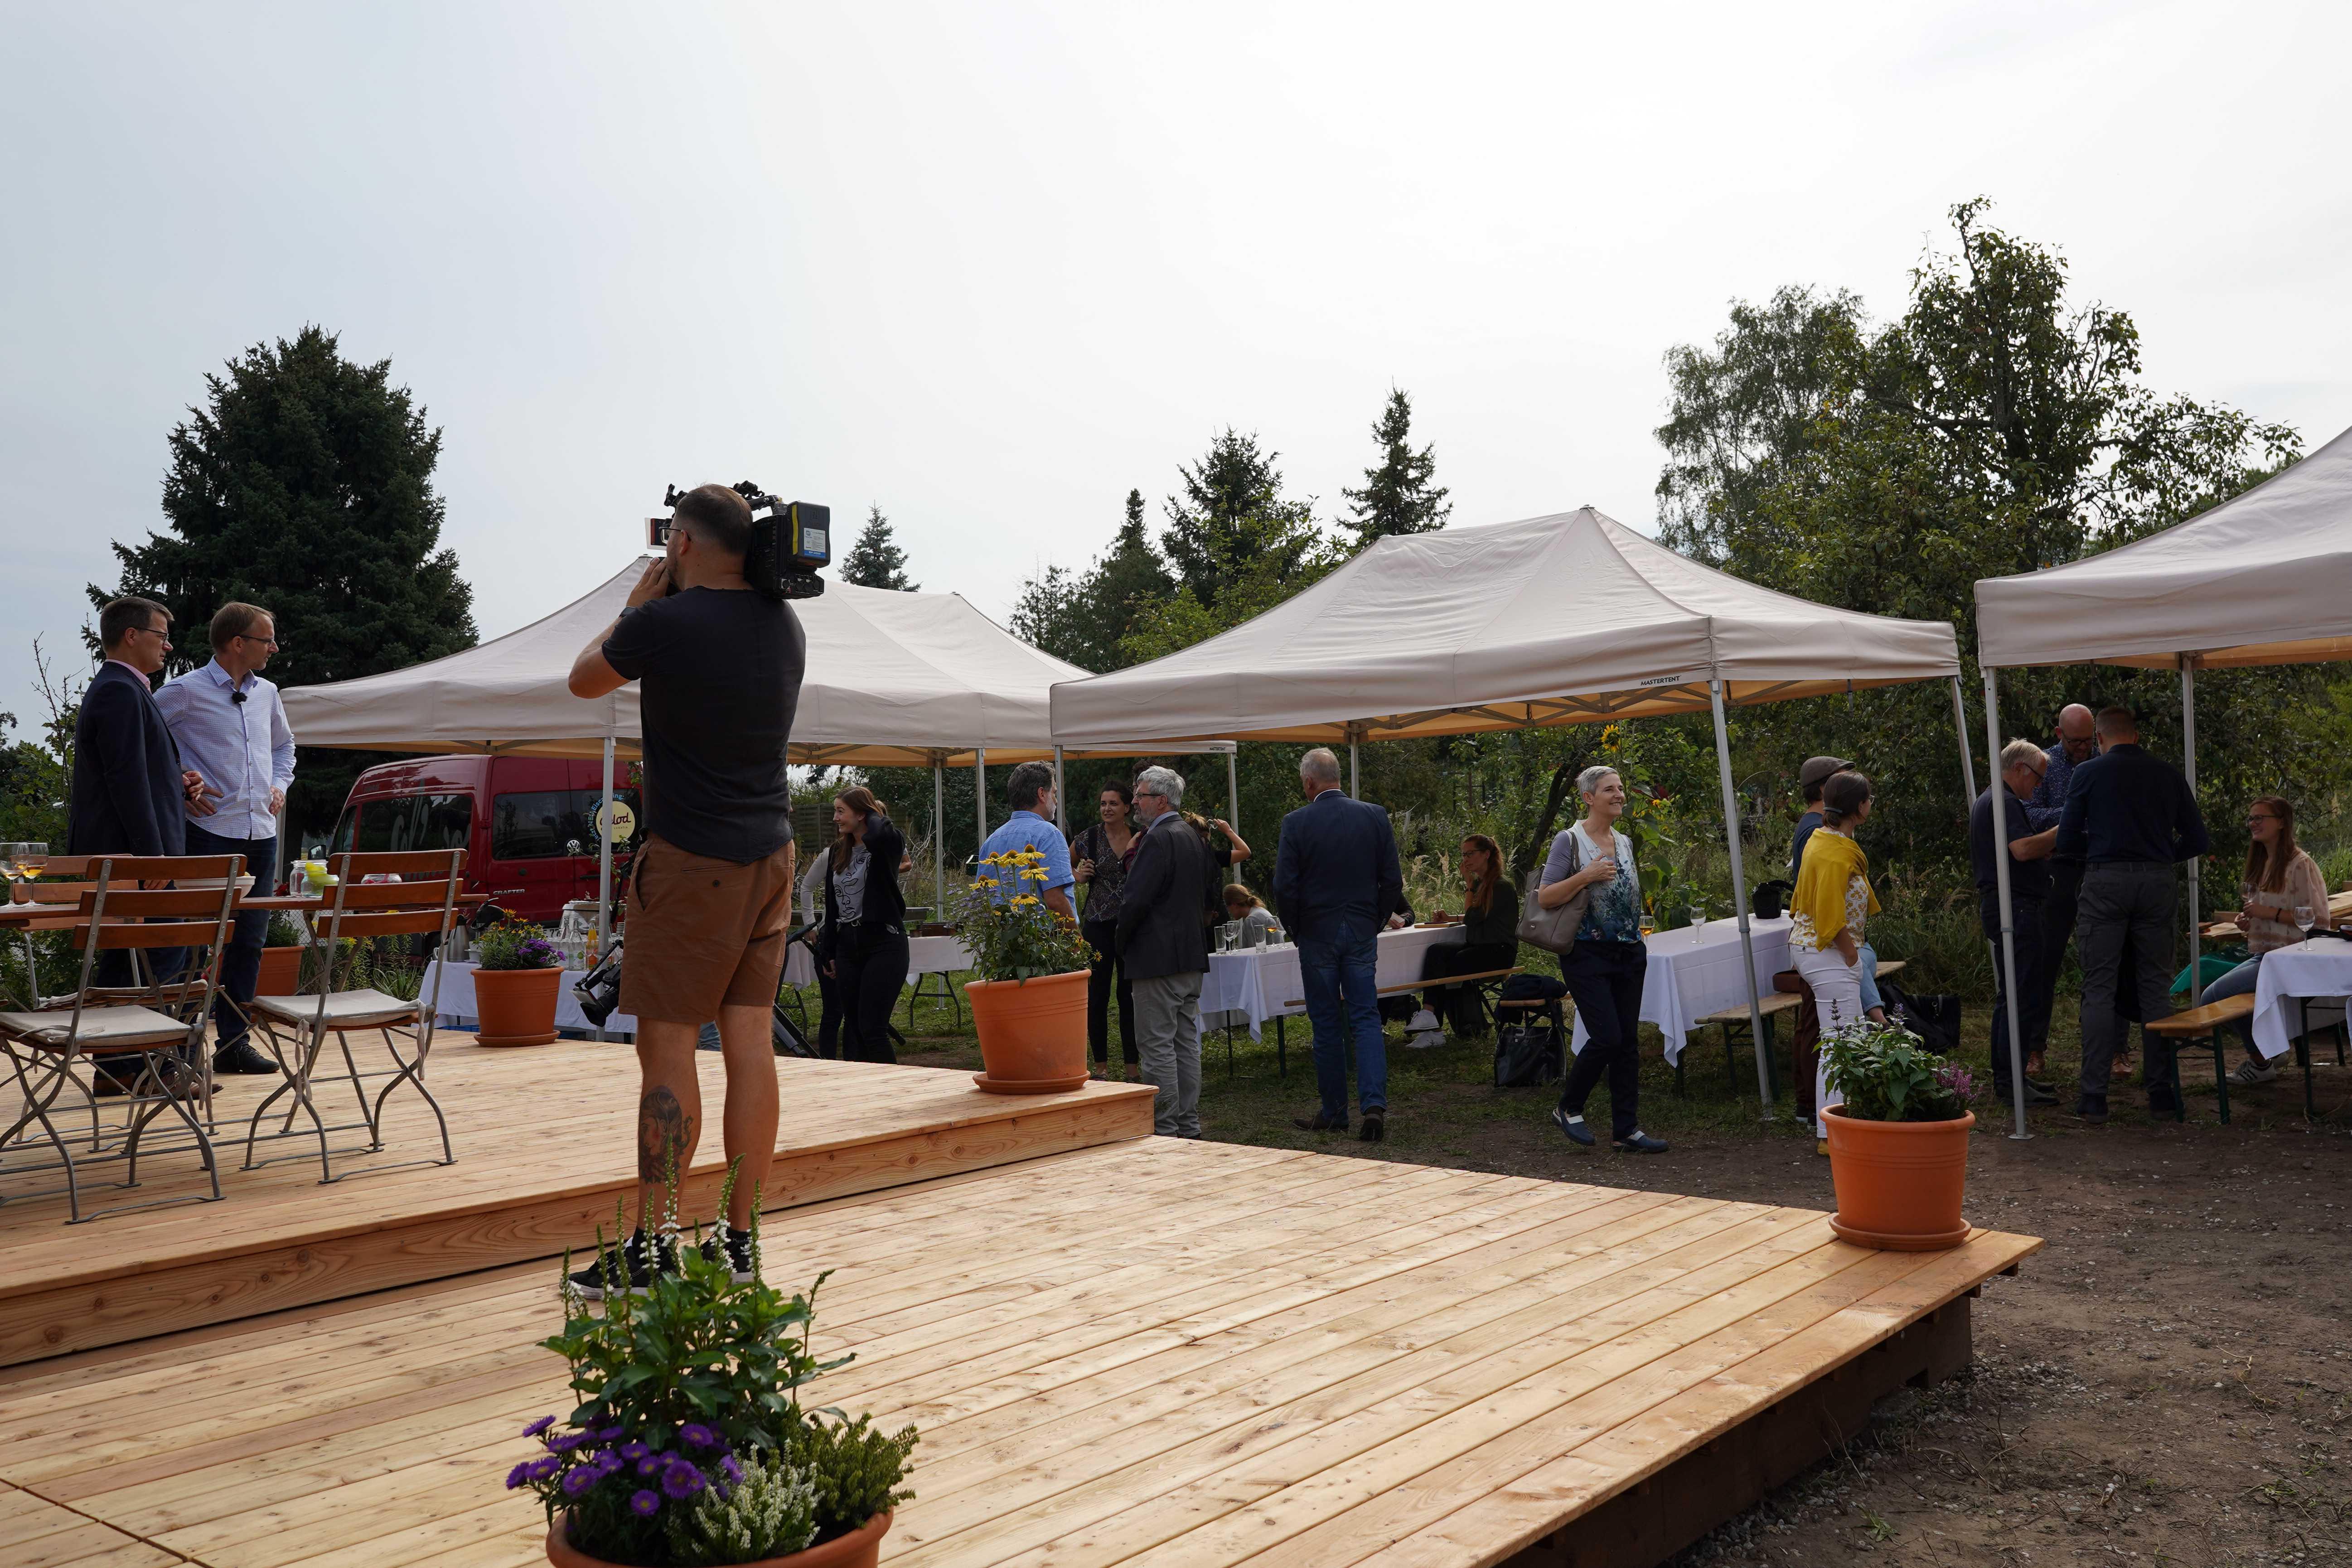 Filmaufnahmen bei der Eröffnung des Tiny Houses in Raddusch. Foto: Valentina Troendle